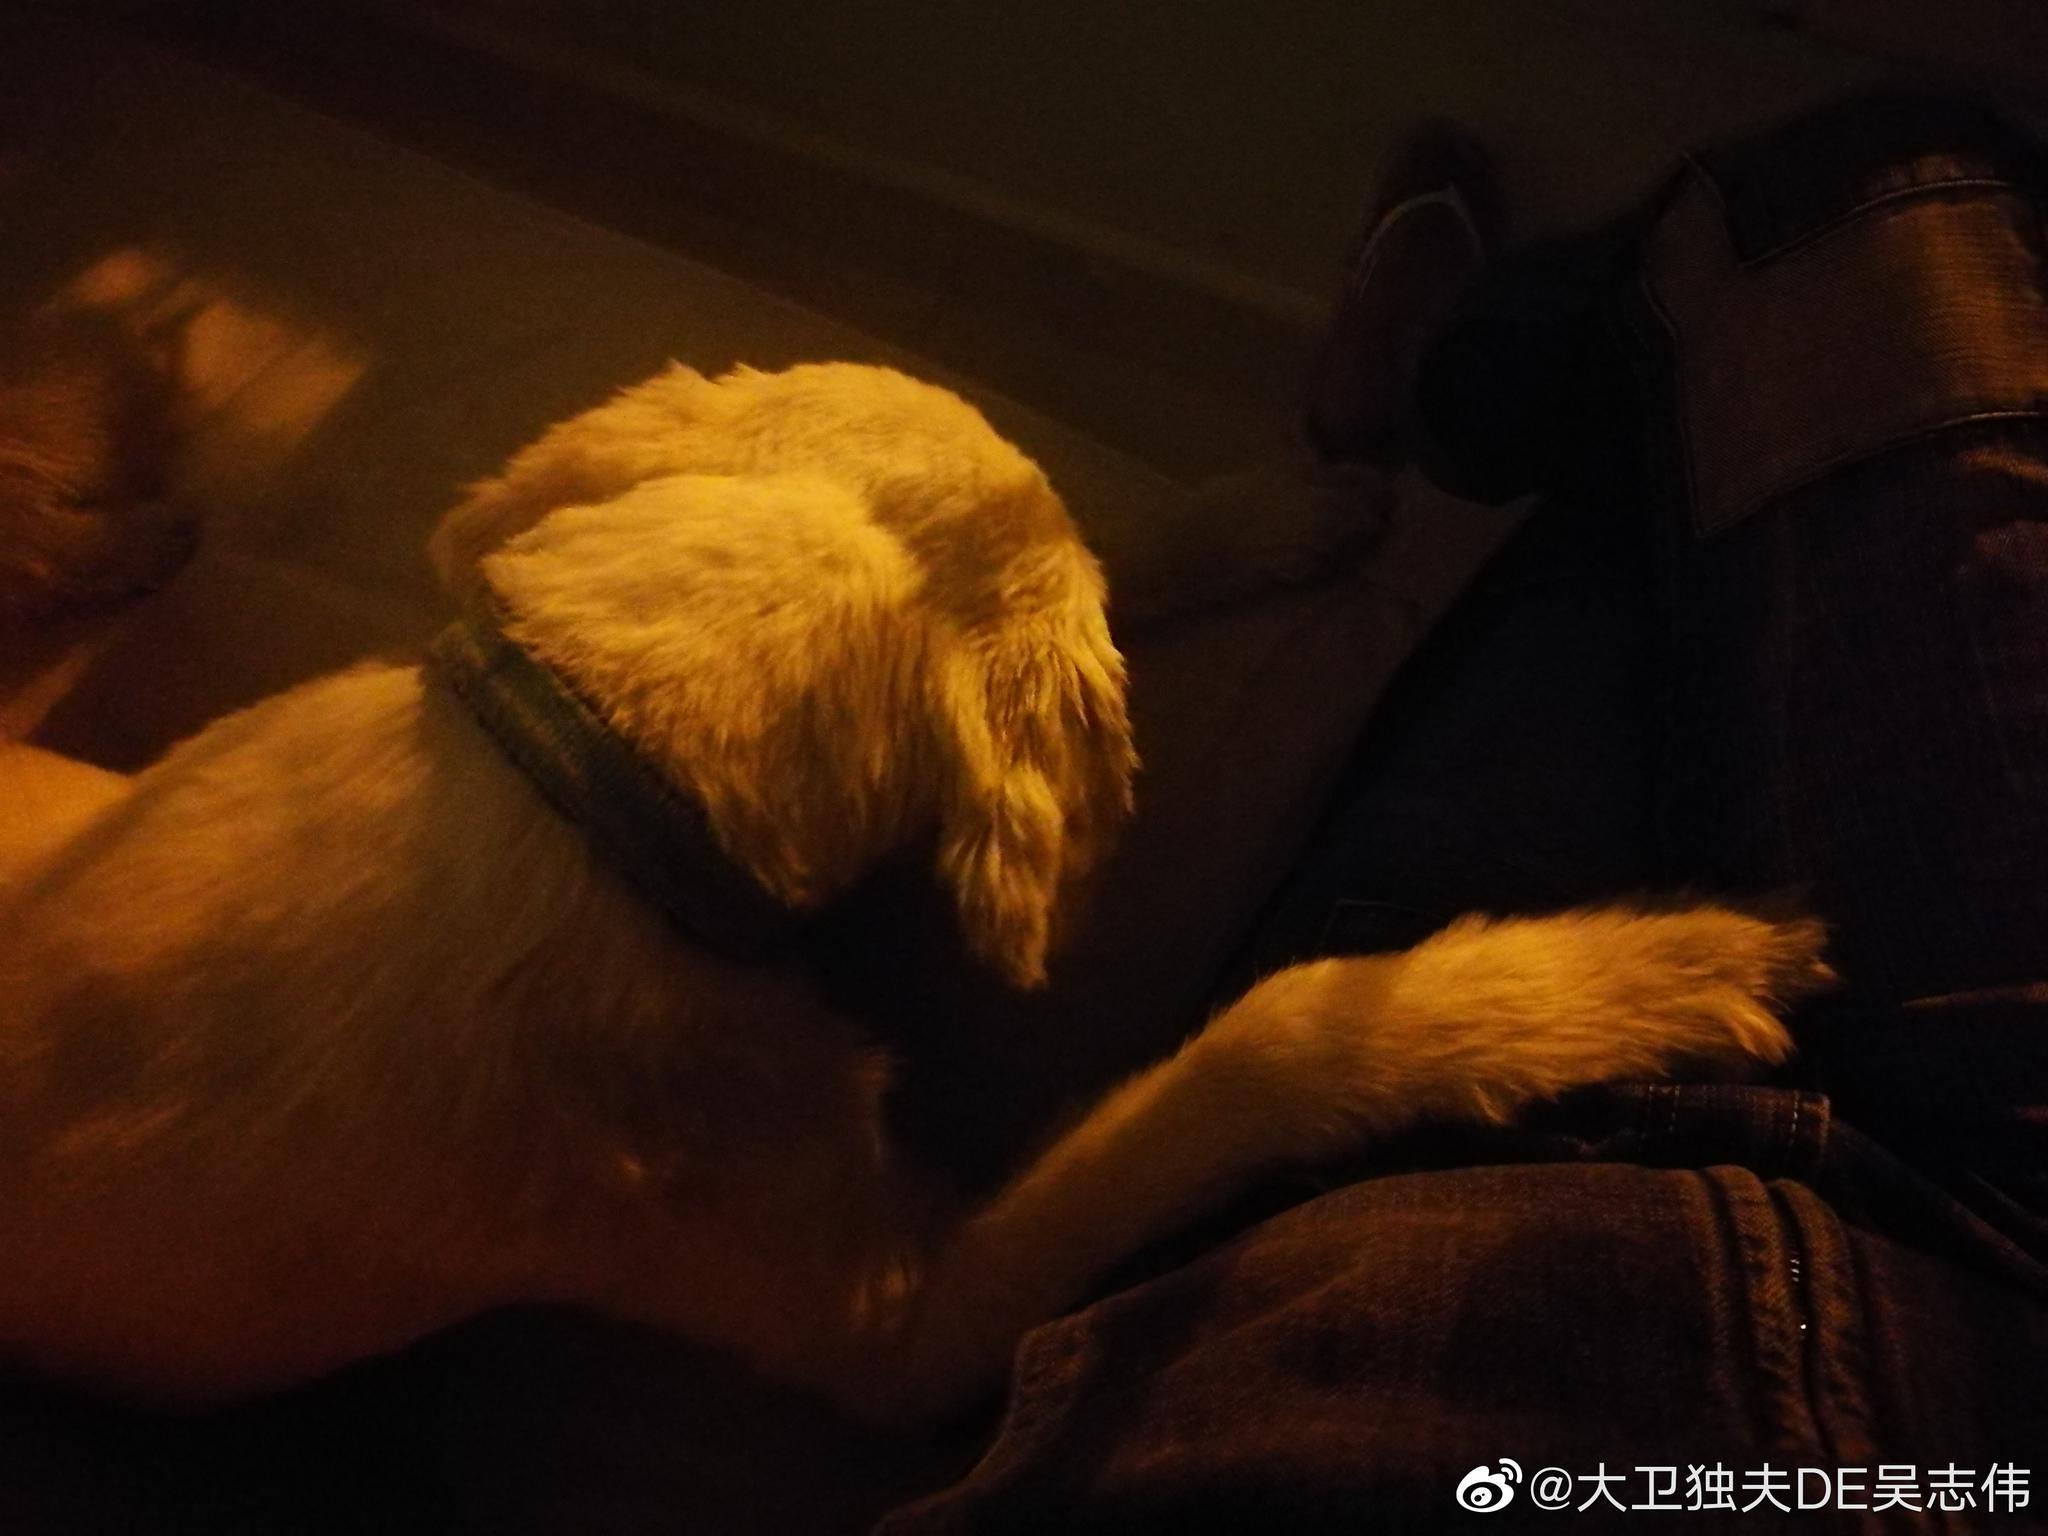 伊兹密尔:包租婆Sonat 家的两只狗太有教养了!我回来